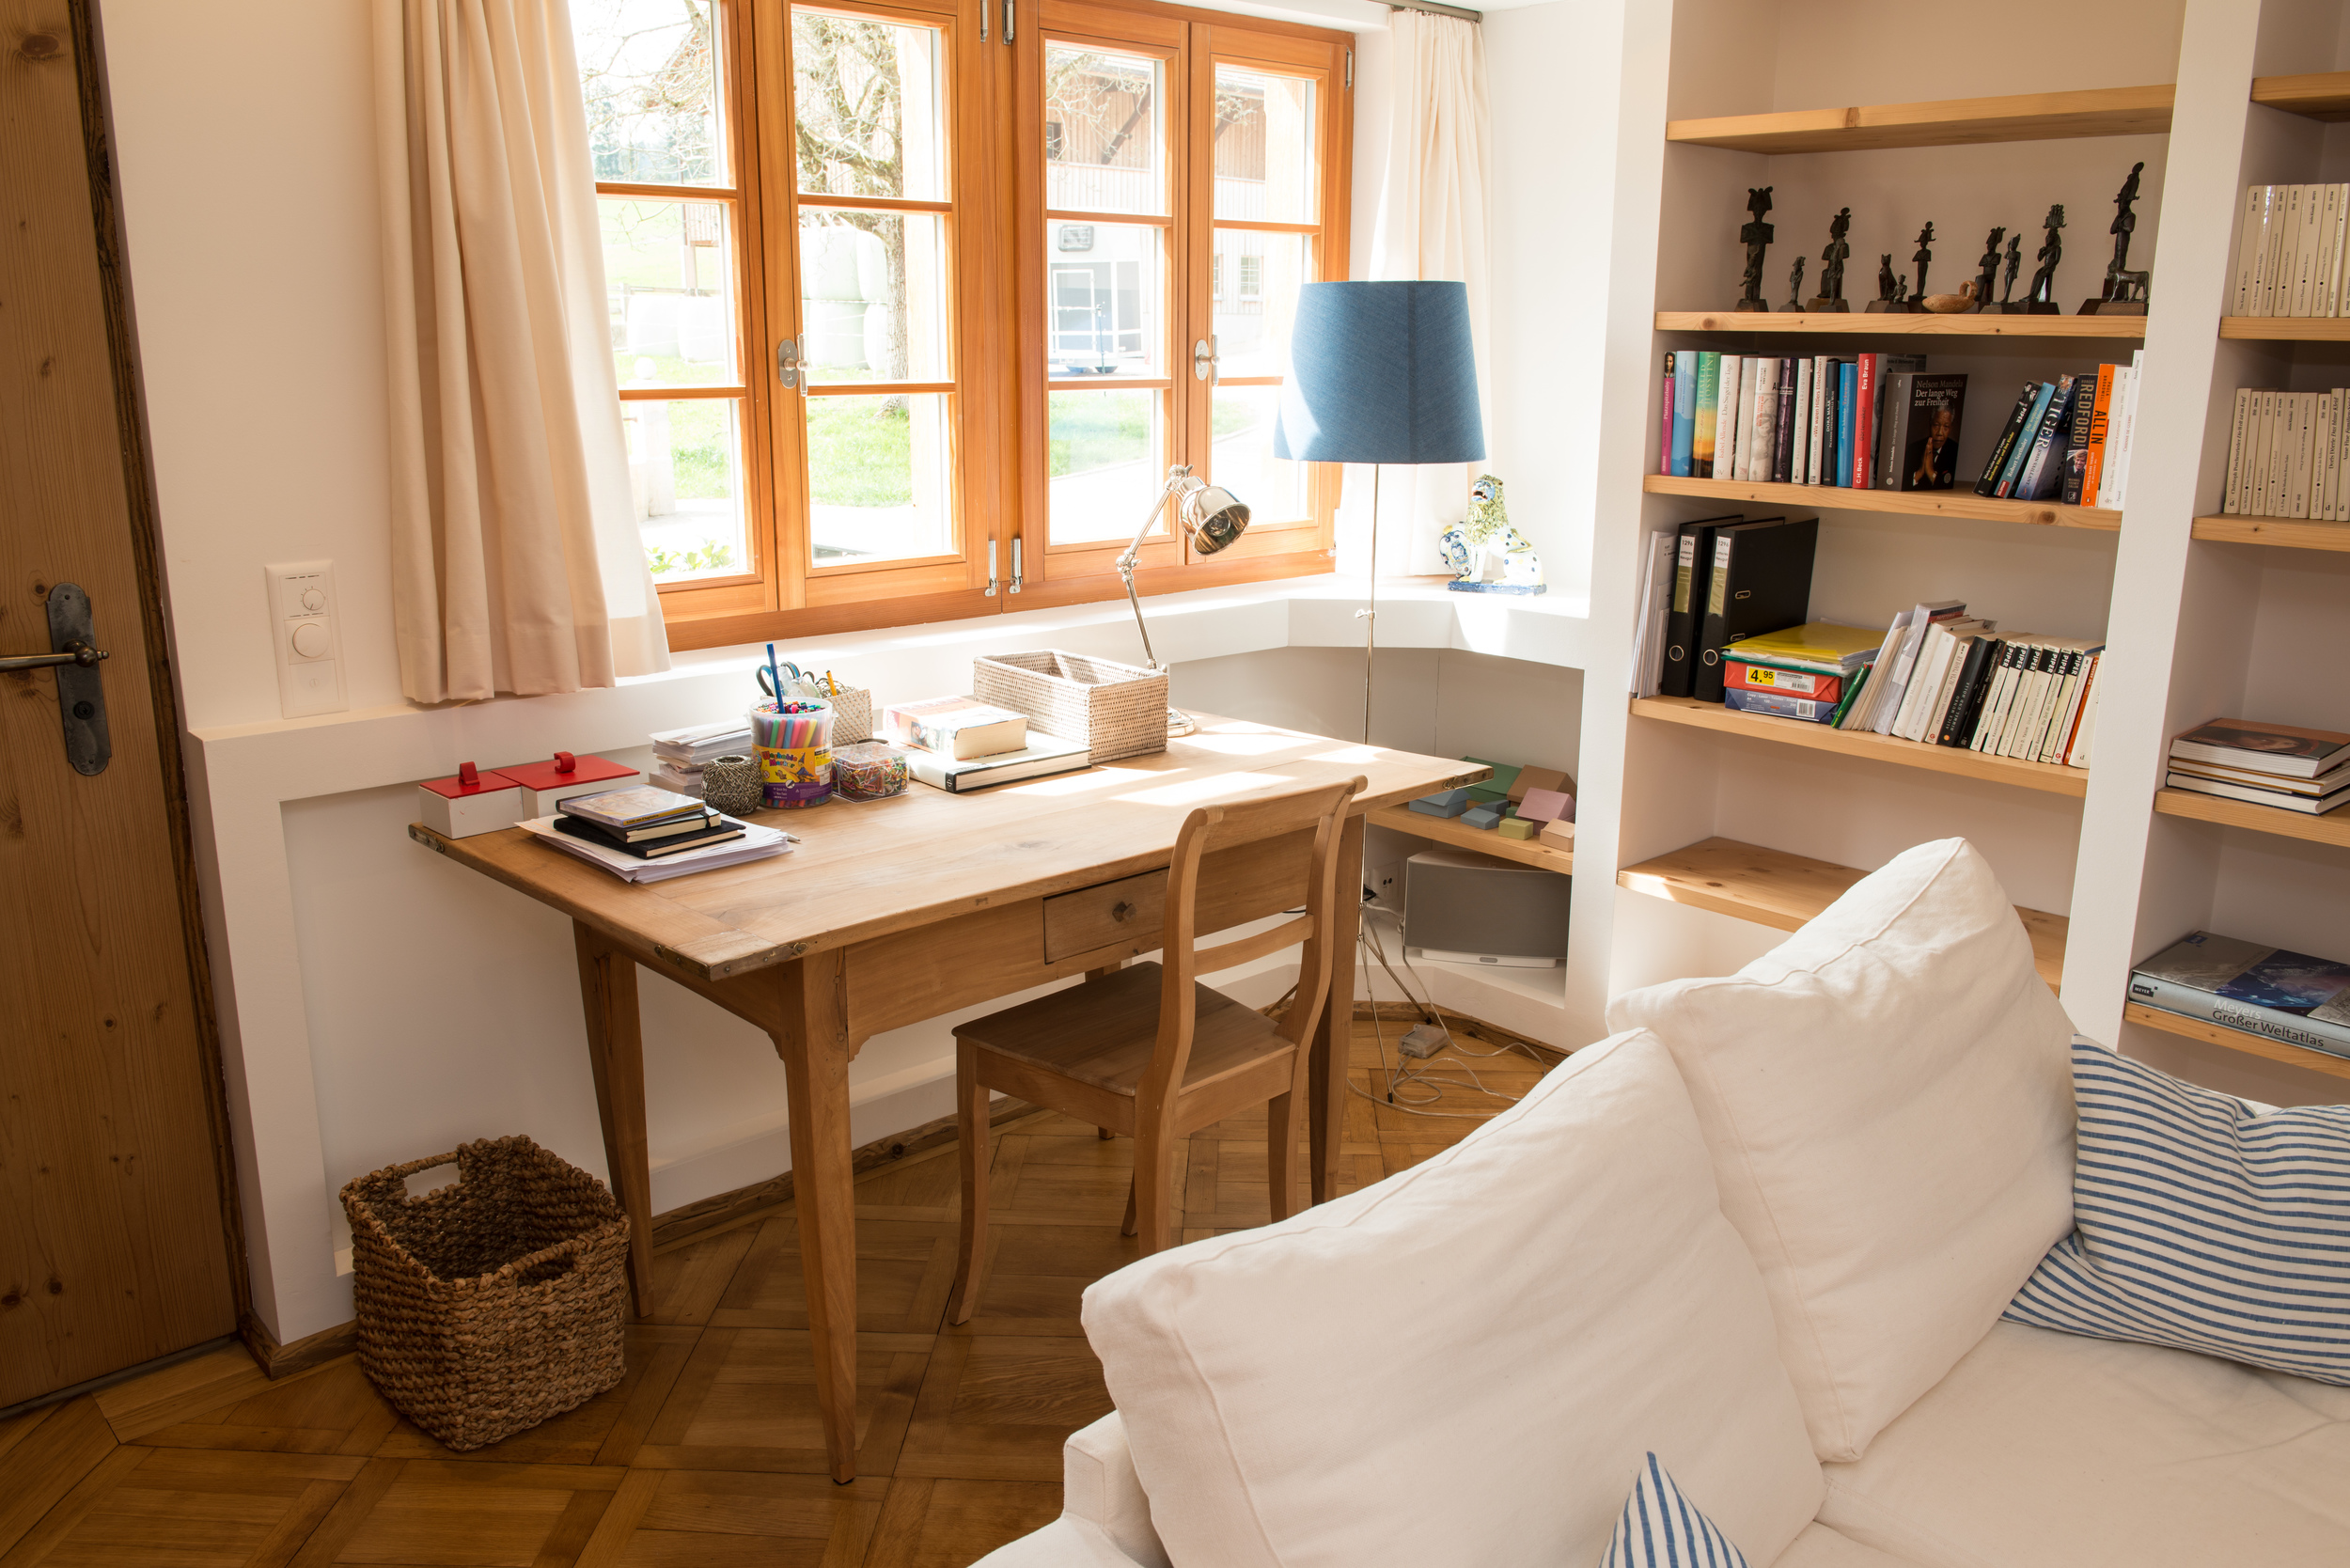 Tisch & Stuhl